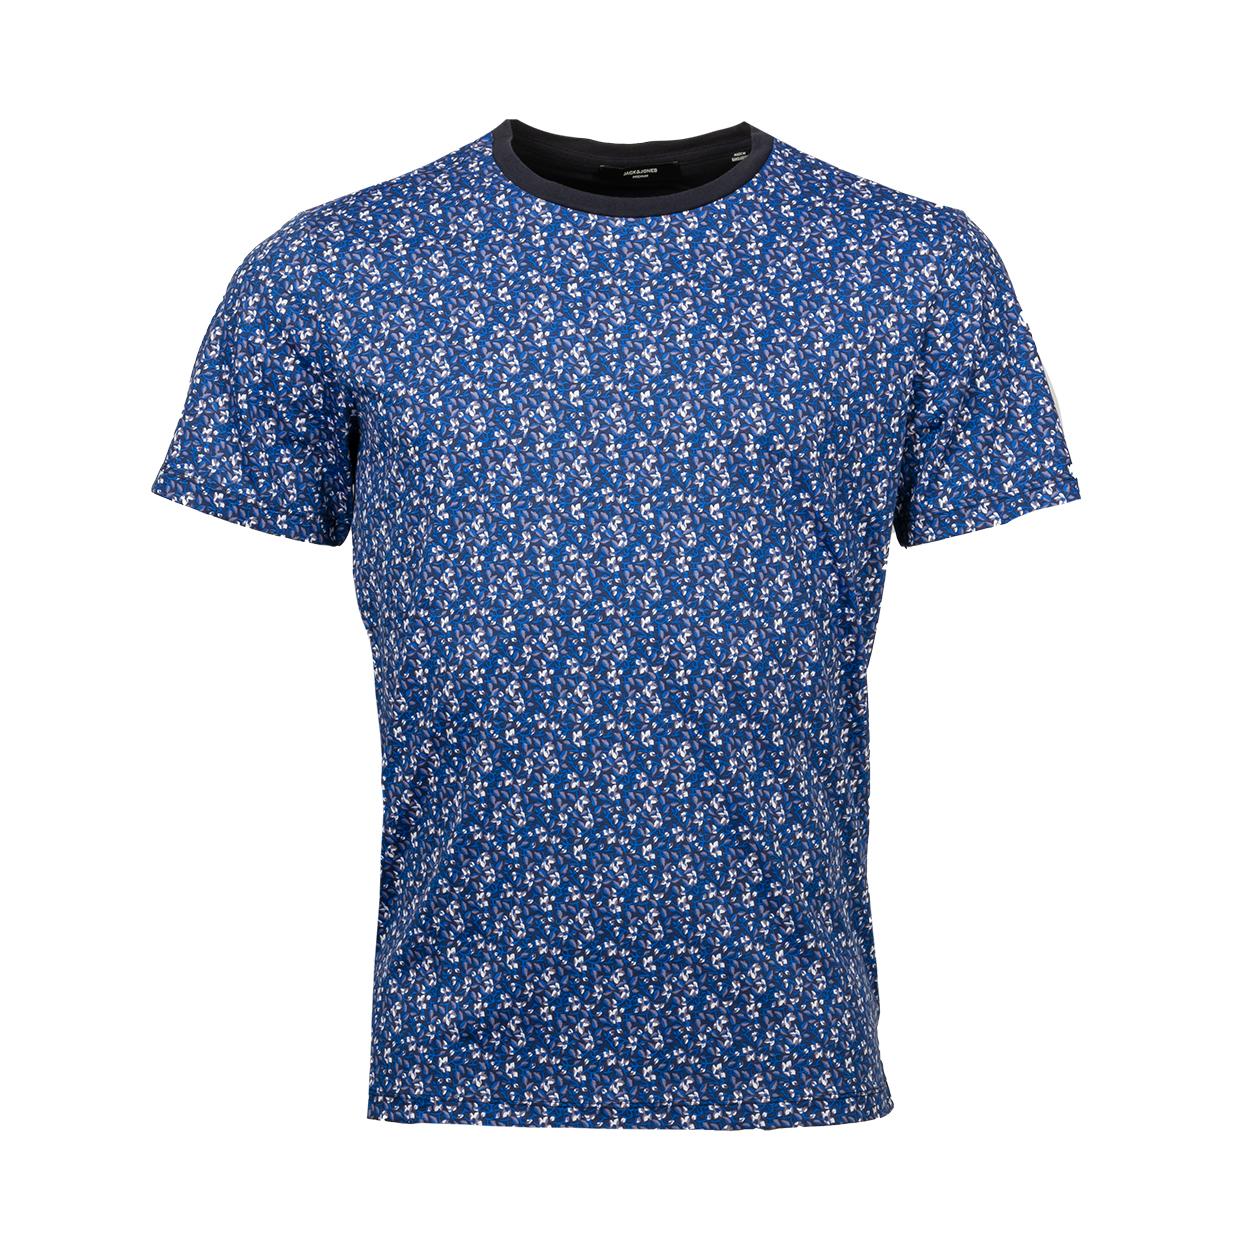 Tee-shirt col rond  en coton bleu nuit à imprimés fleurs grises, blanches et bleues